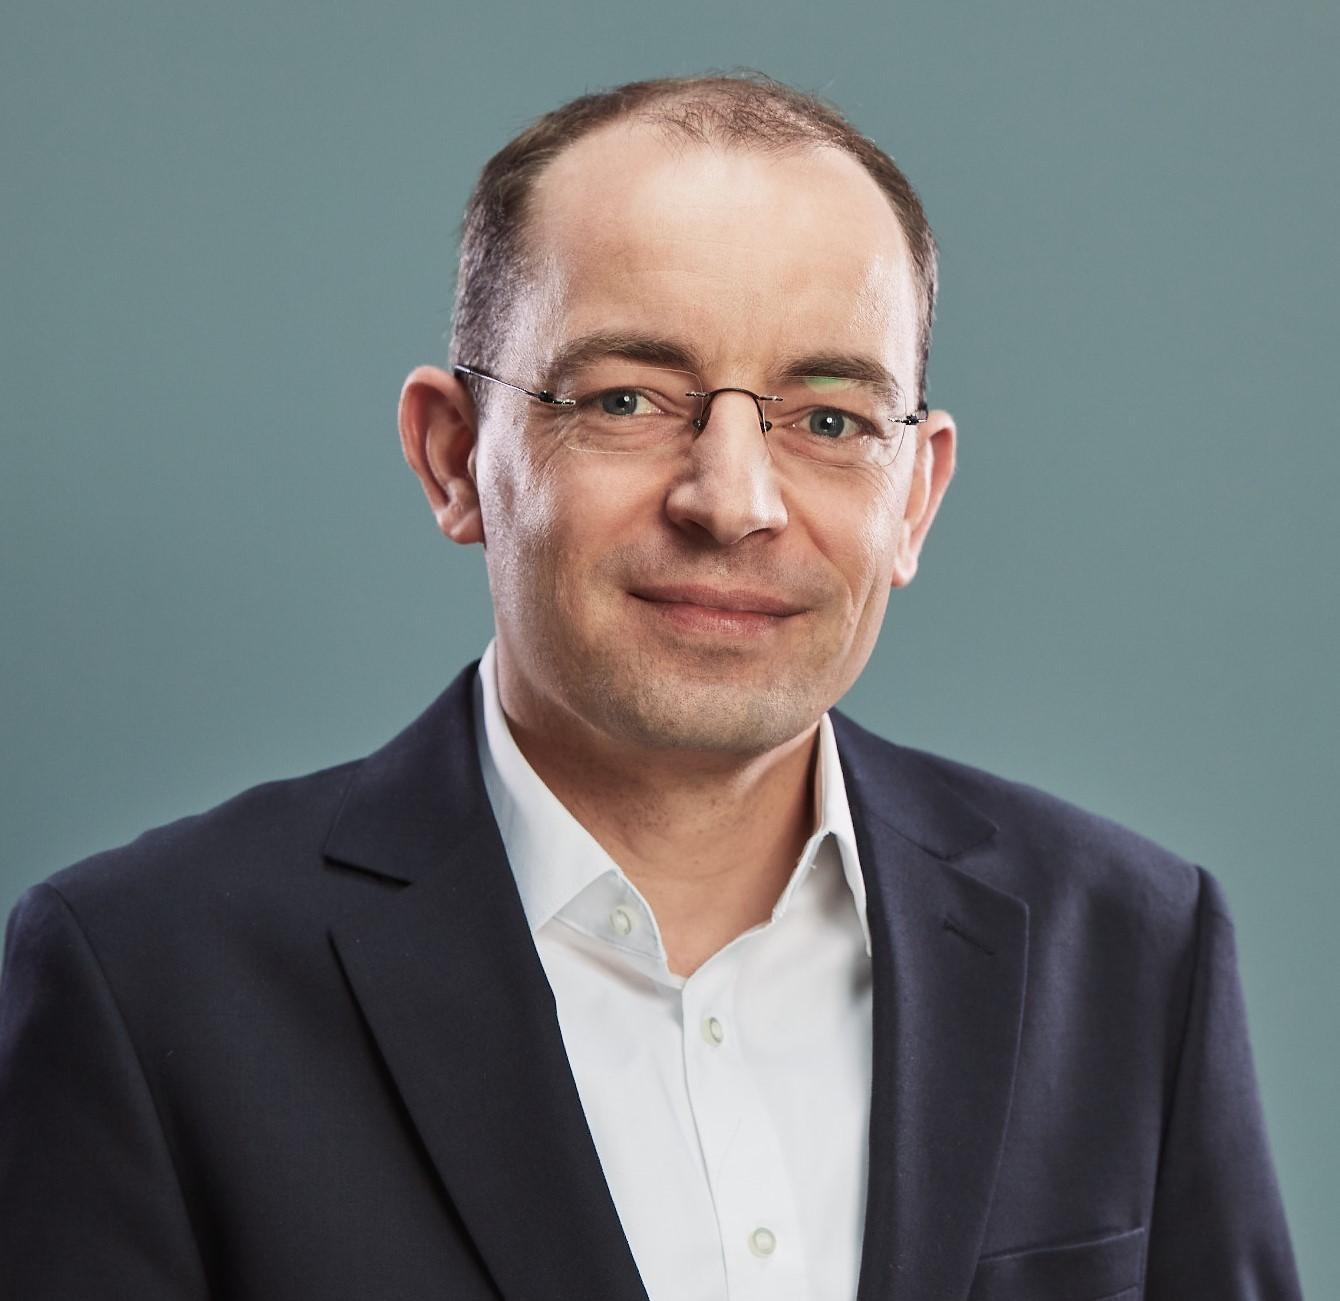 Jan Boguslawski, Product Owner, Snom